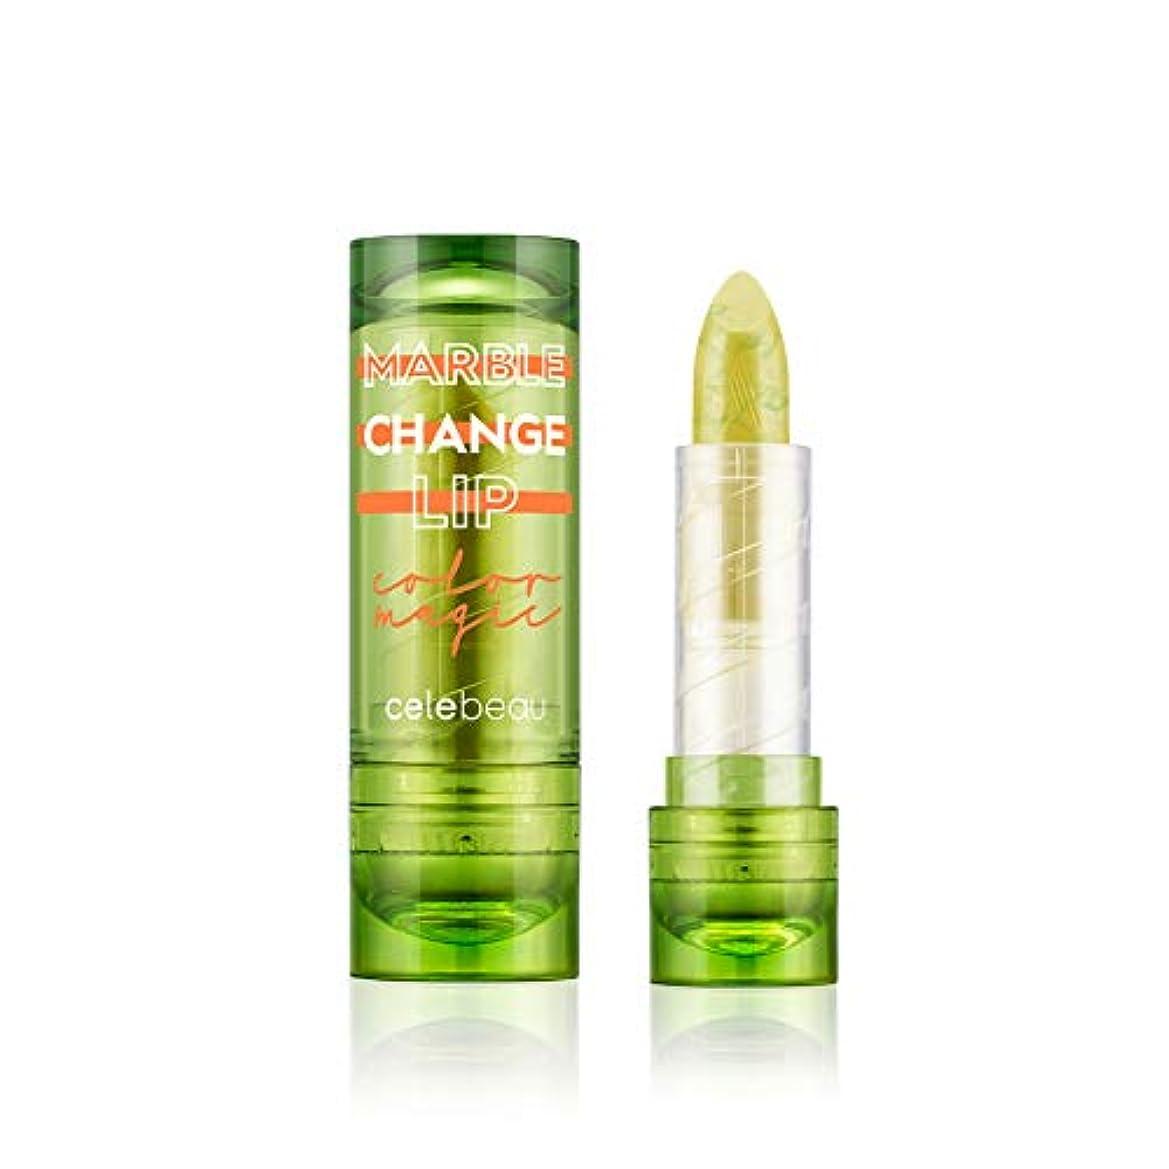 誰も傾向がありますバーター【celebeau公式】celebeau Marble Change Lip 3.5g/セレビュー マーブル チェンジ リップ 3.5g (02 イエロー ライム)